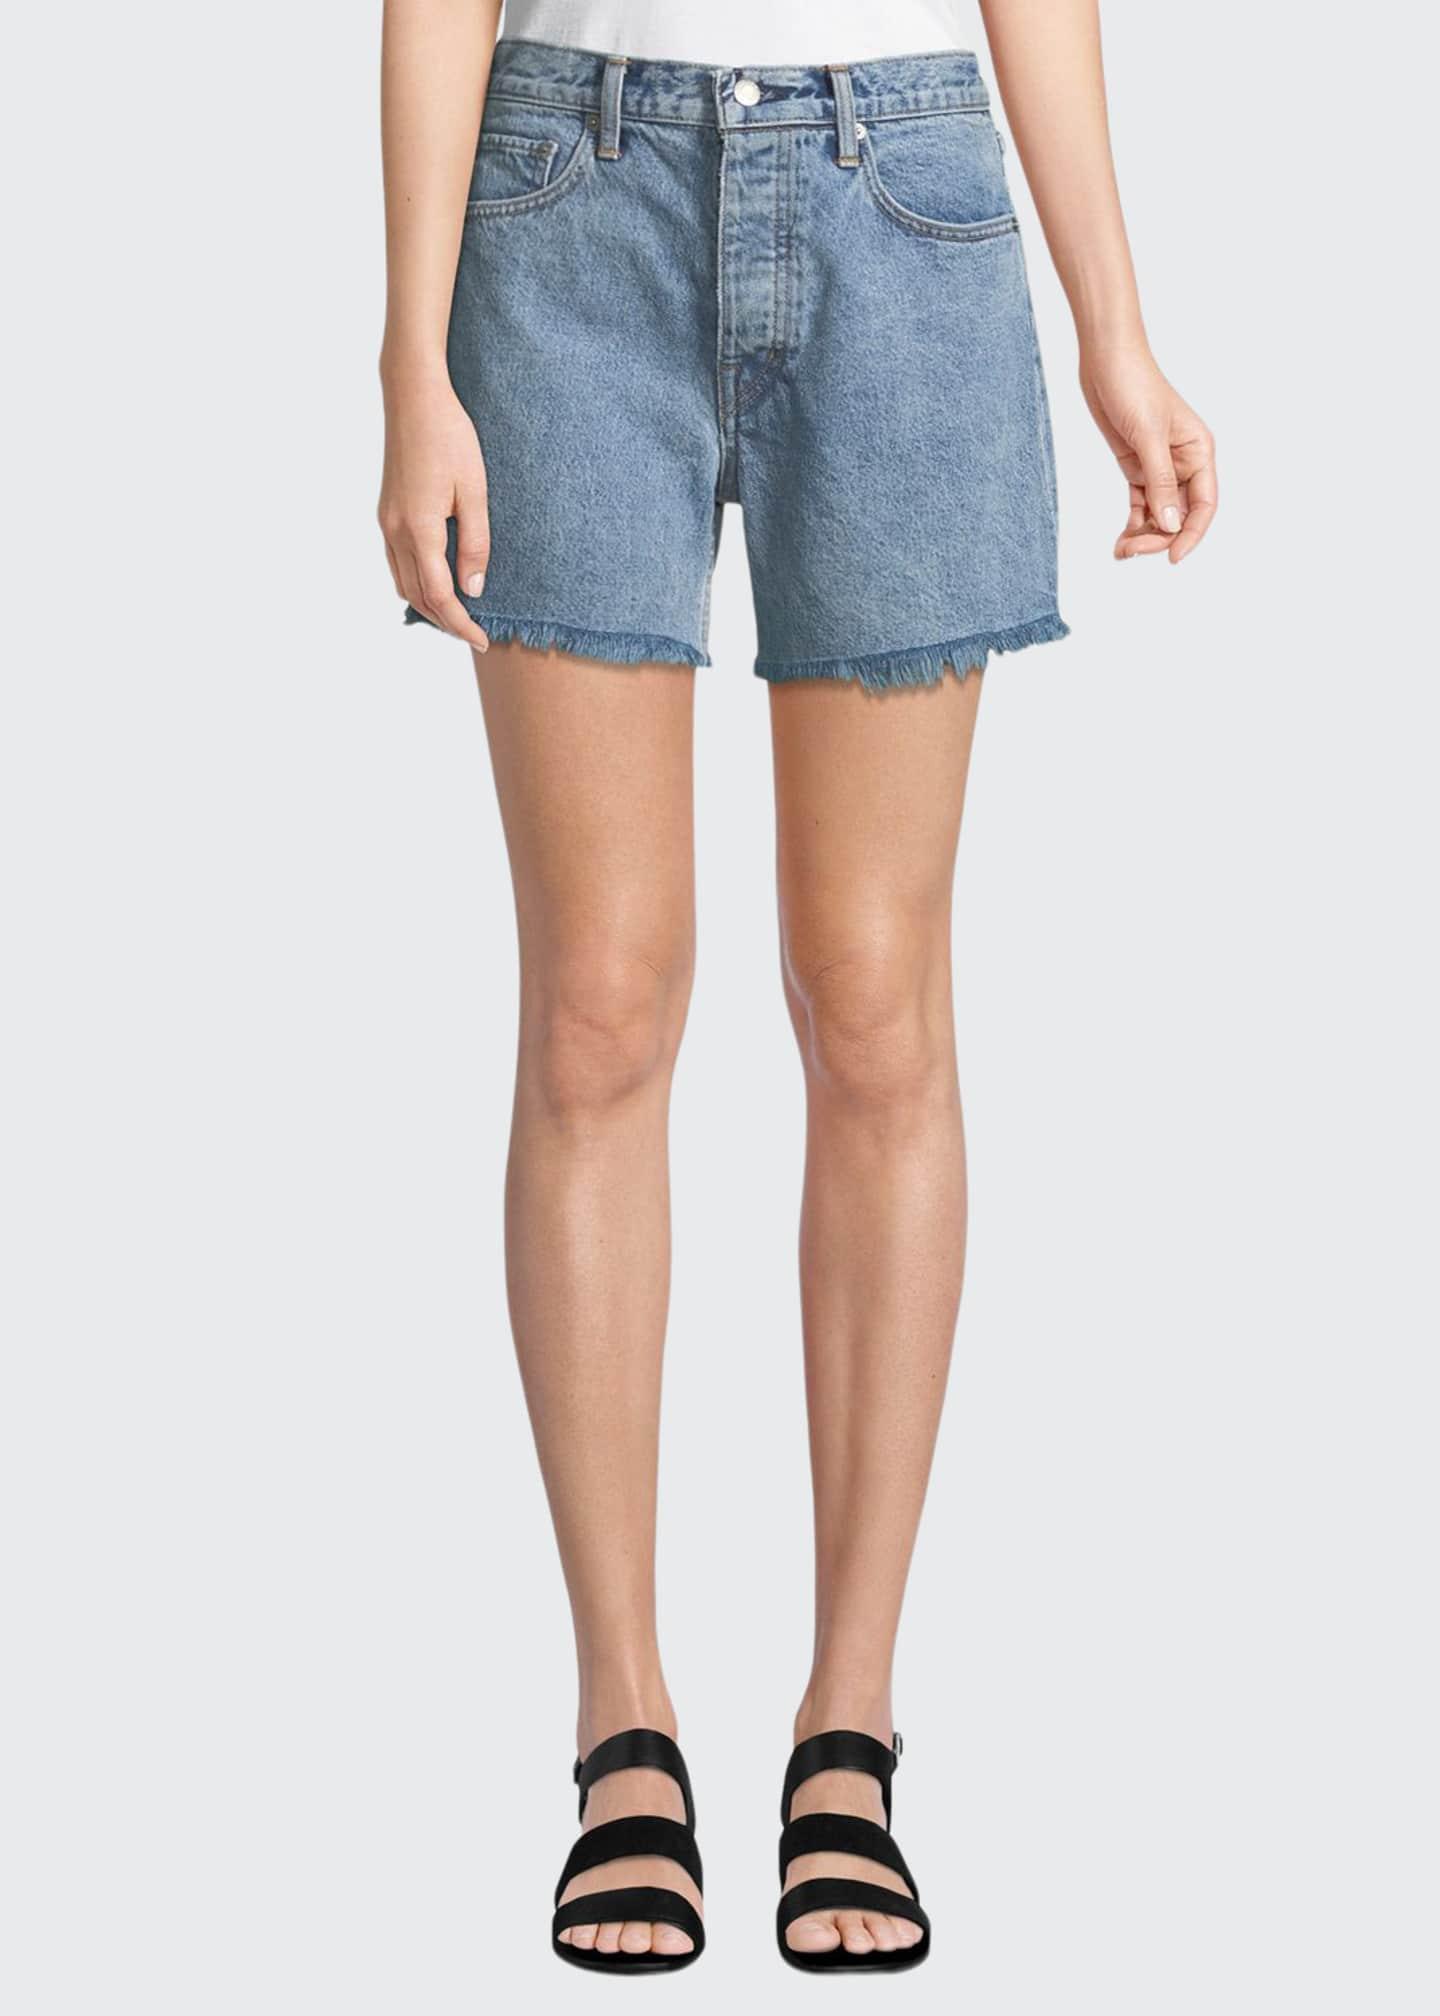 Helmut Lang Boy-Fit Frayed Denim Cutoff Shorts